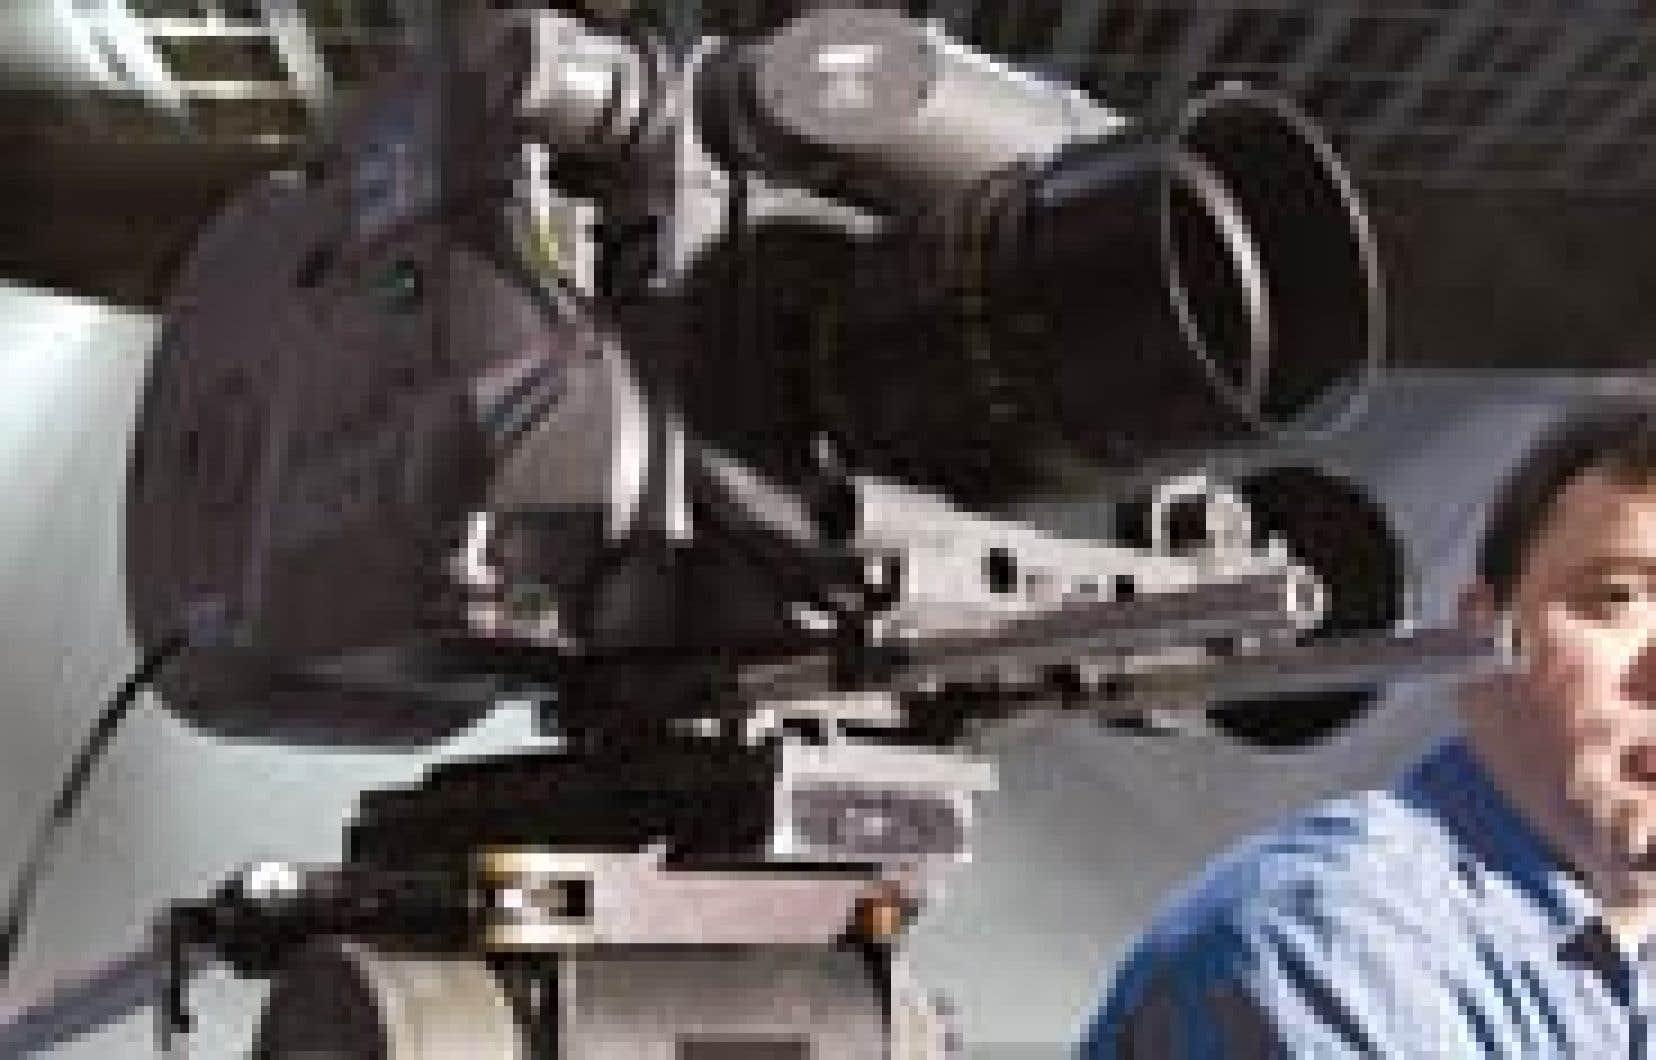 Les Studios Mel's ont rarement été aussi vides. Fred Boucher, technicien en cinéma, voudrait bien voir revenir ces nombreux tournages américains qui assuraient 50 % de son revenu annuel. En effet, la concurrence mondiale pour attirer les producteur